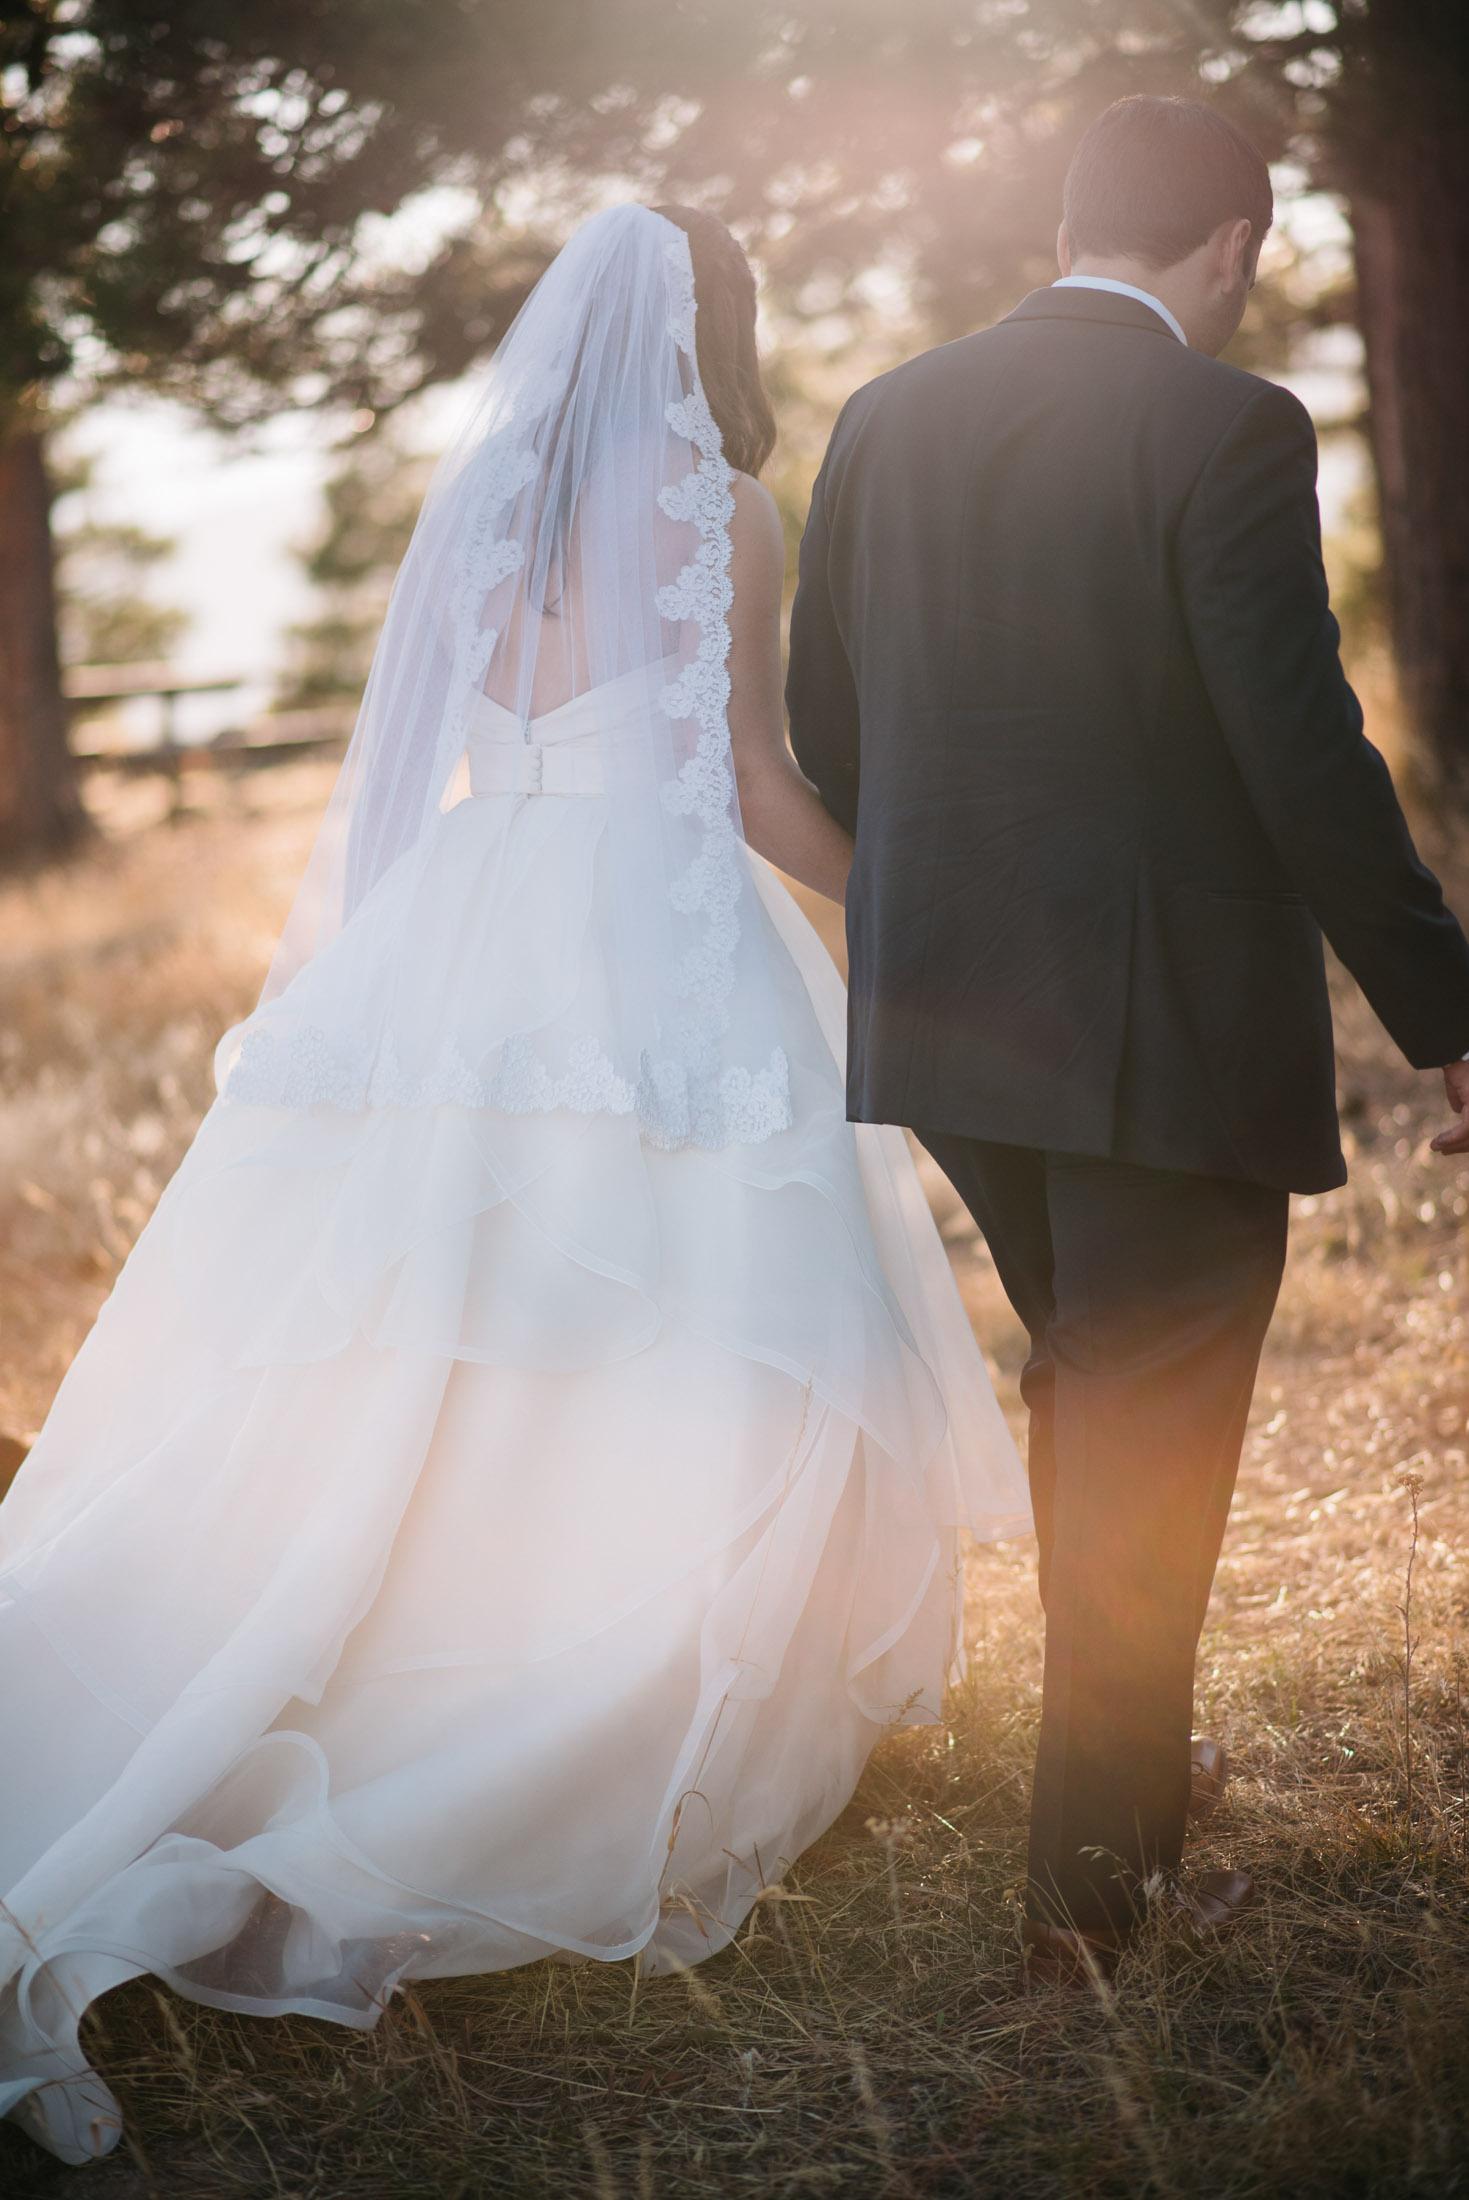 64elopement-photographer-colorado-Amanda&Sam-Denver_wedding-2616.jpg